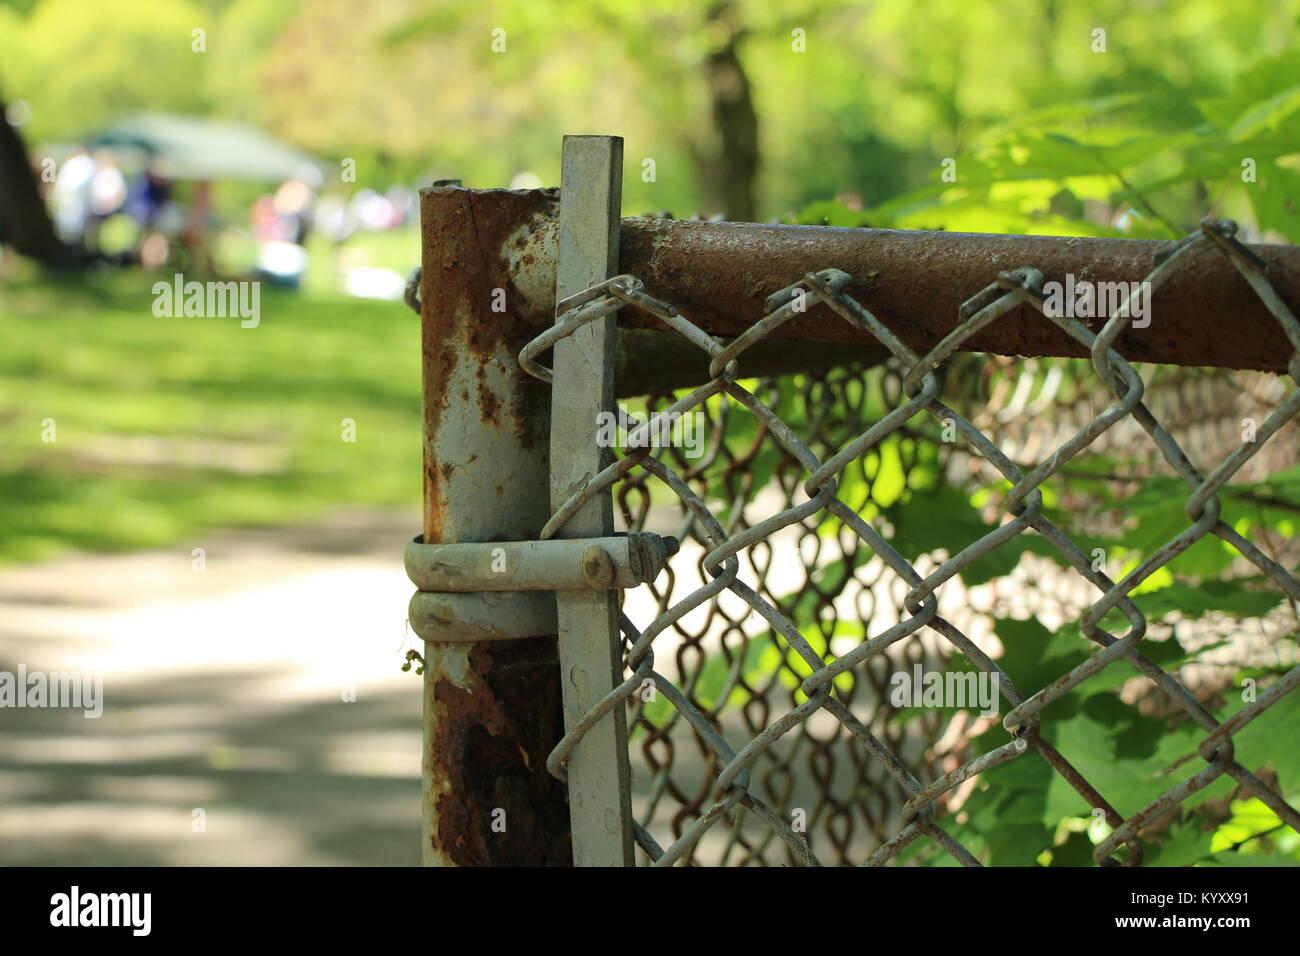 Rostiger Zaun Und Defokussiertem Hintergrund Im Park Stockfoto Bild